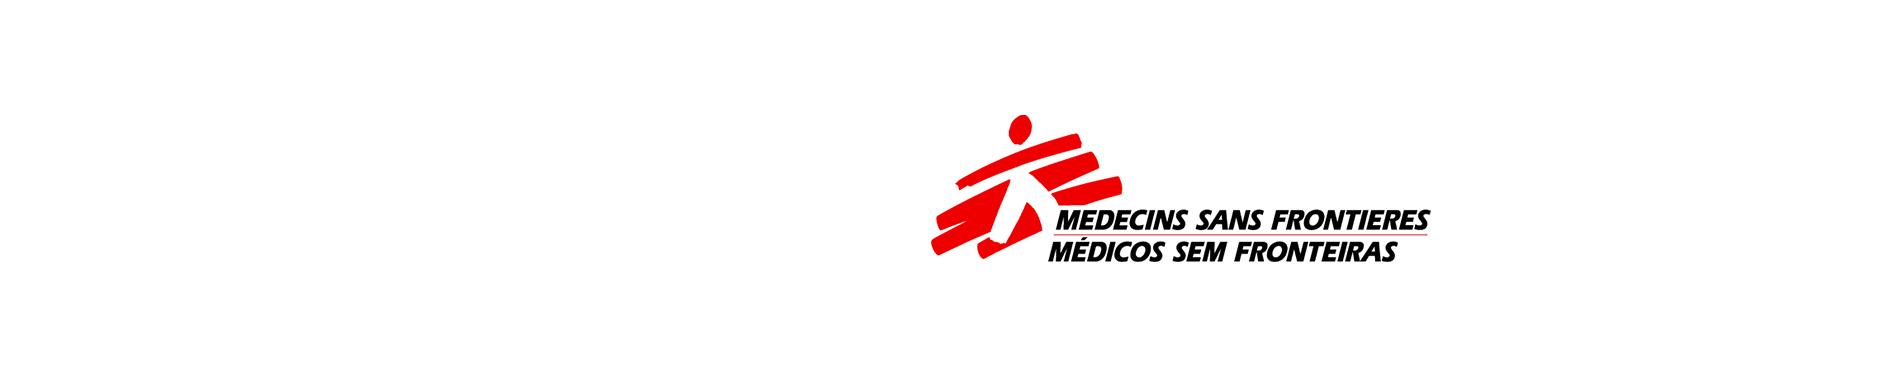 MSF retoma resposta à COVID-19 em Portugal